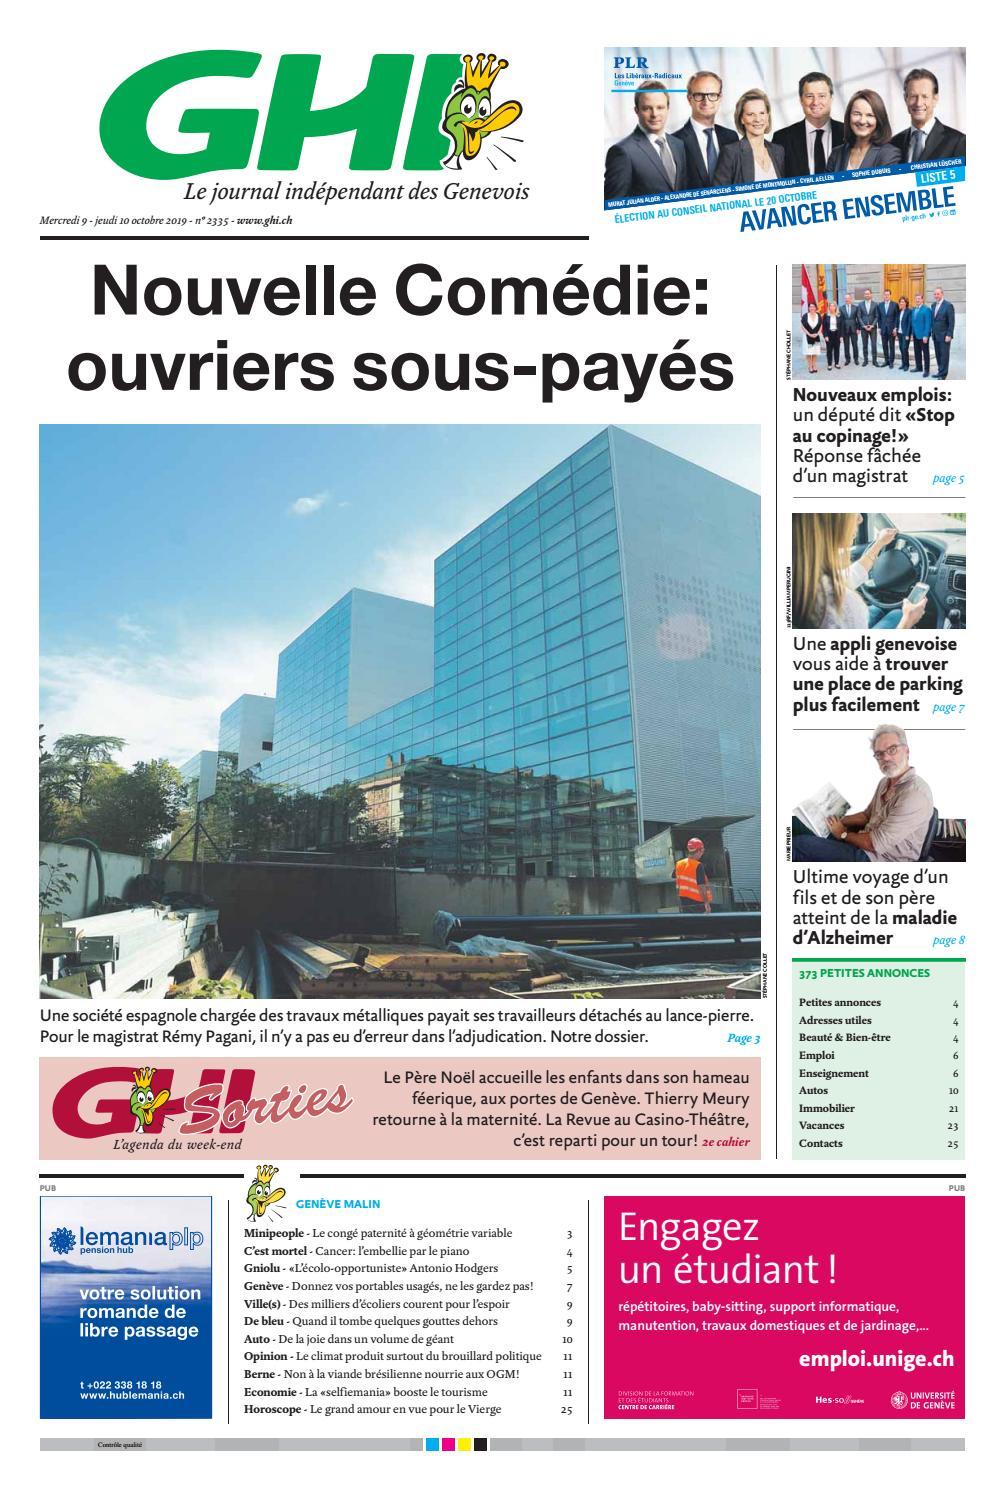 Rue Du Commerce Salon De Jardin Luxe 2019 10 10 by Ghi & Lausanne Cités issuu Of 39 Nouveau Rue Du Commerce Salon De Jardin